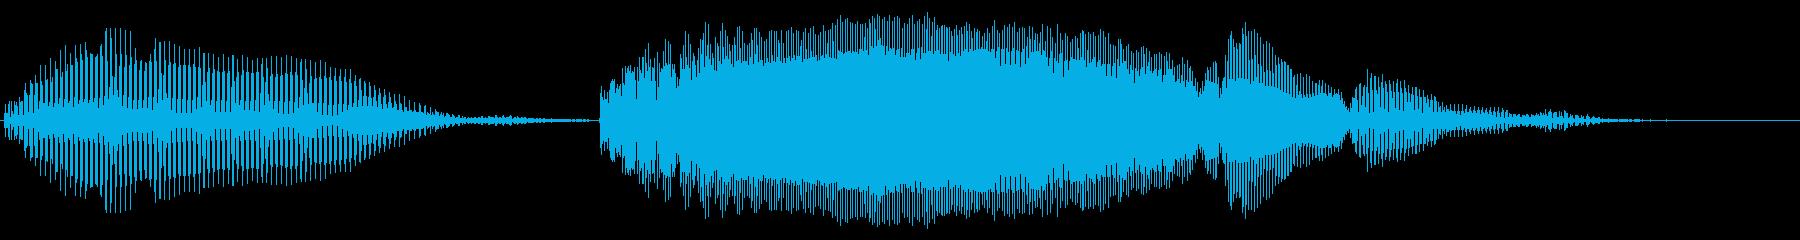 明るいトランペットの再生済みの波形